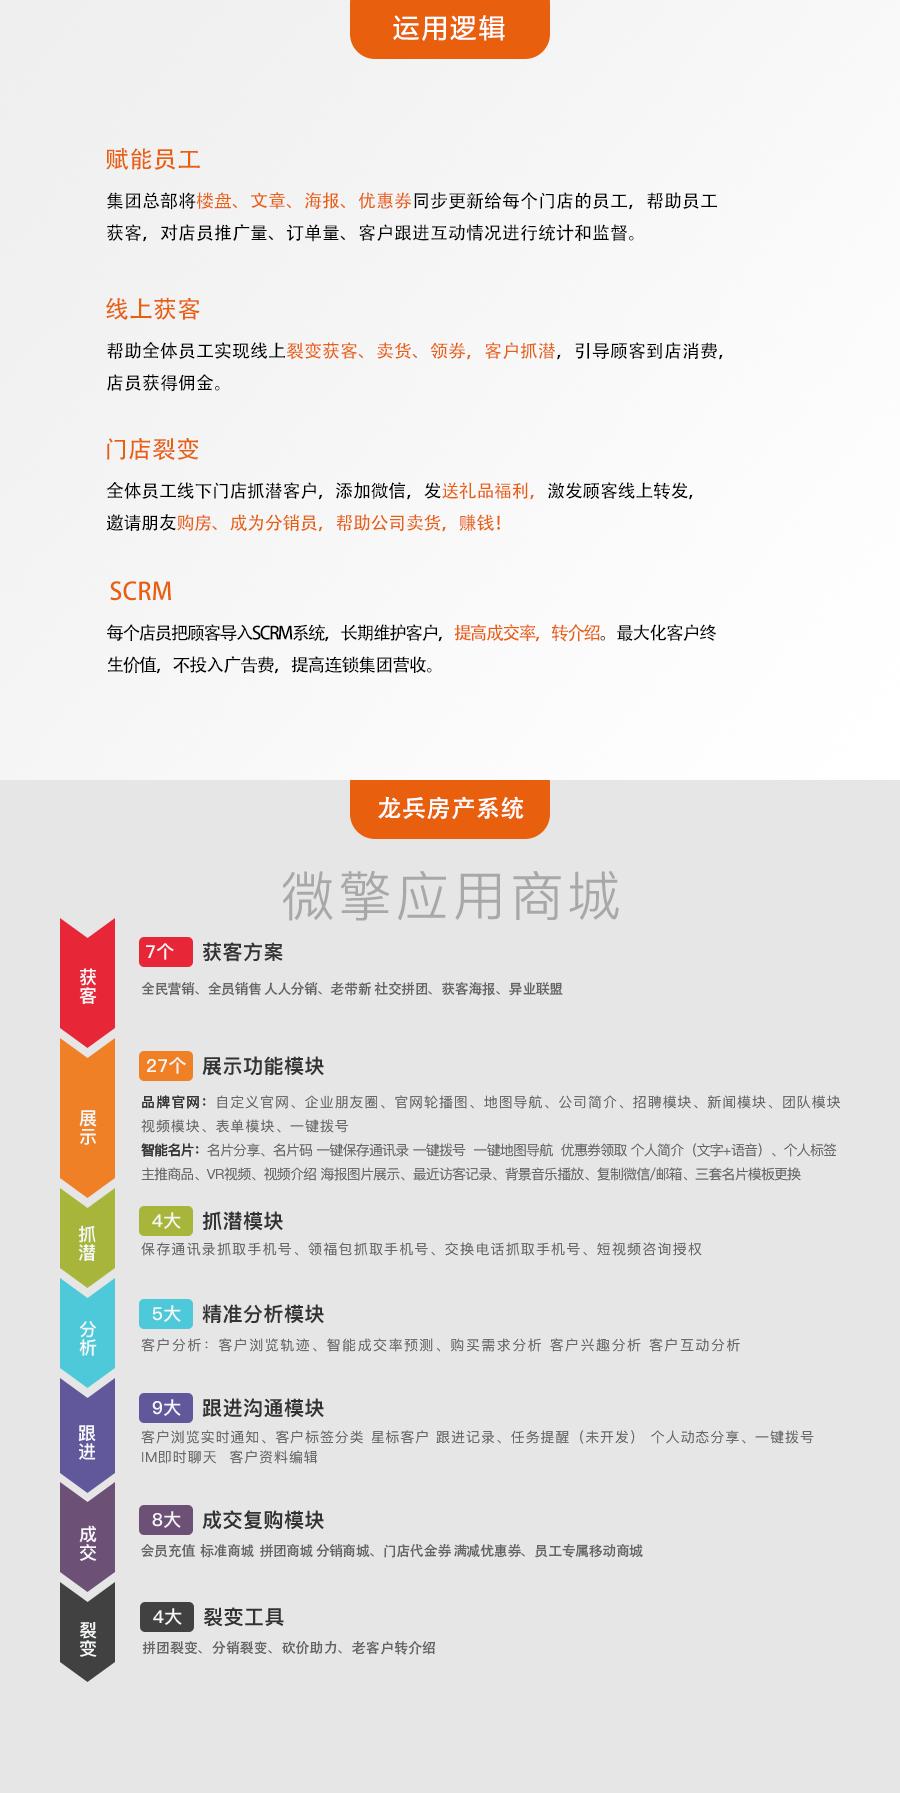 1龙兵智能名片-房产版_03.png